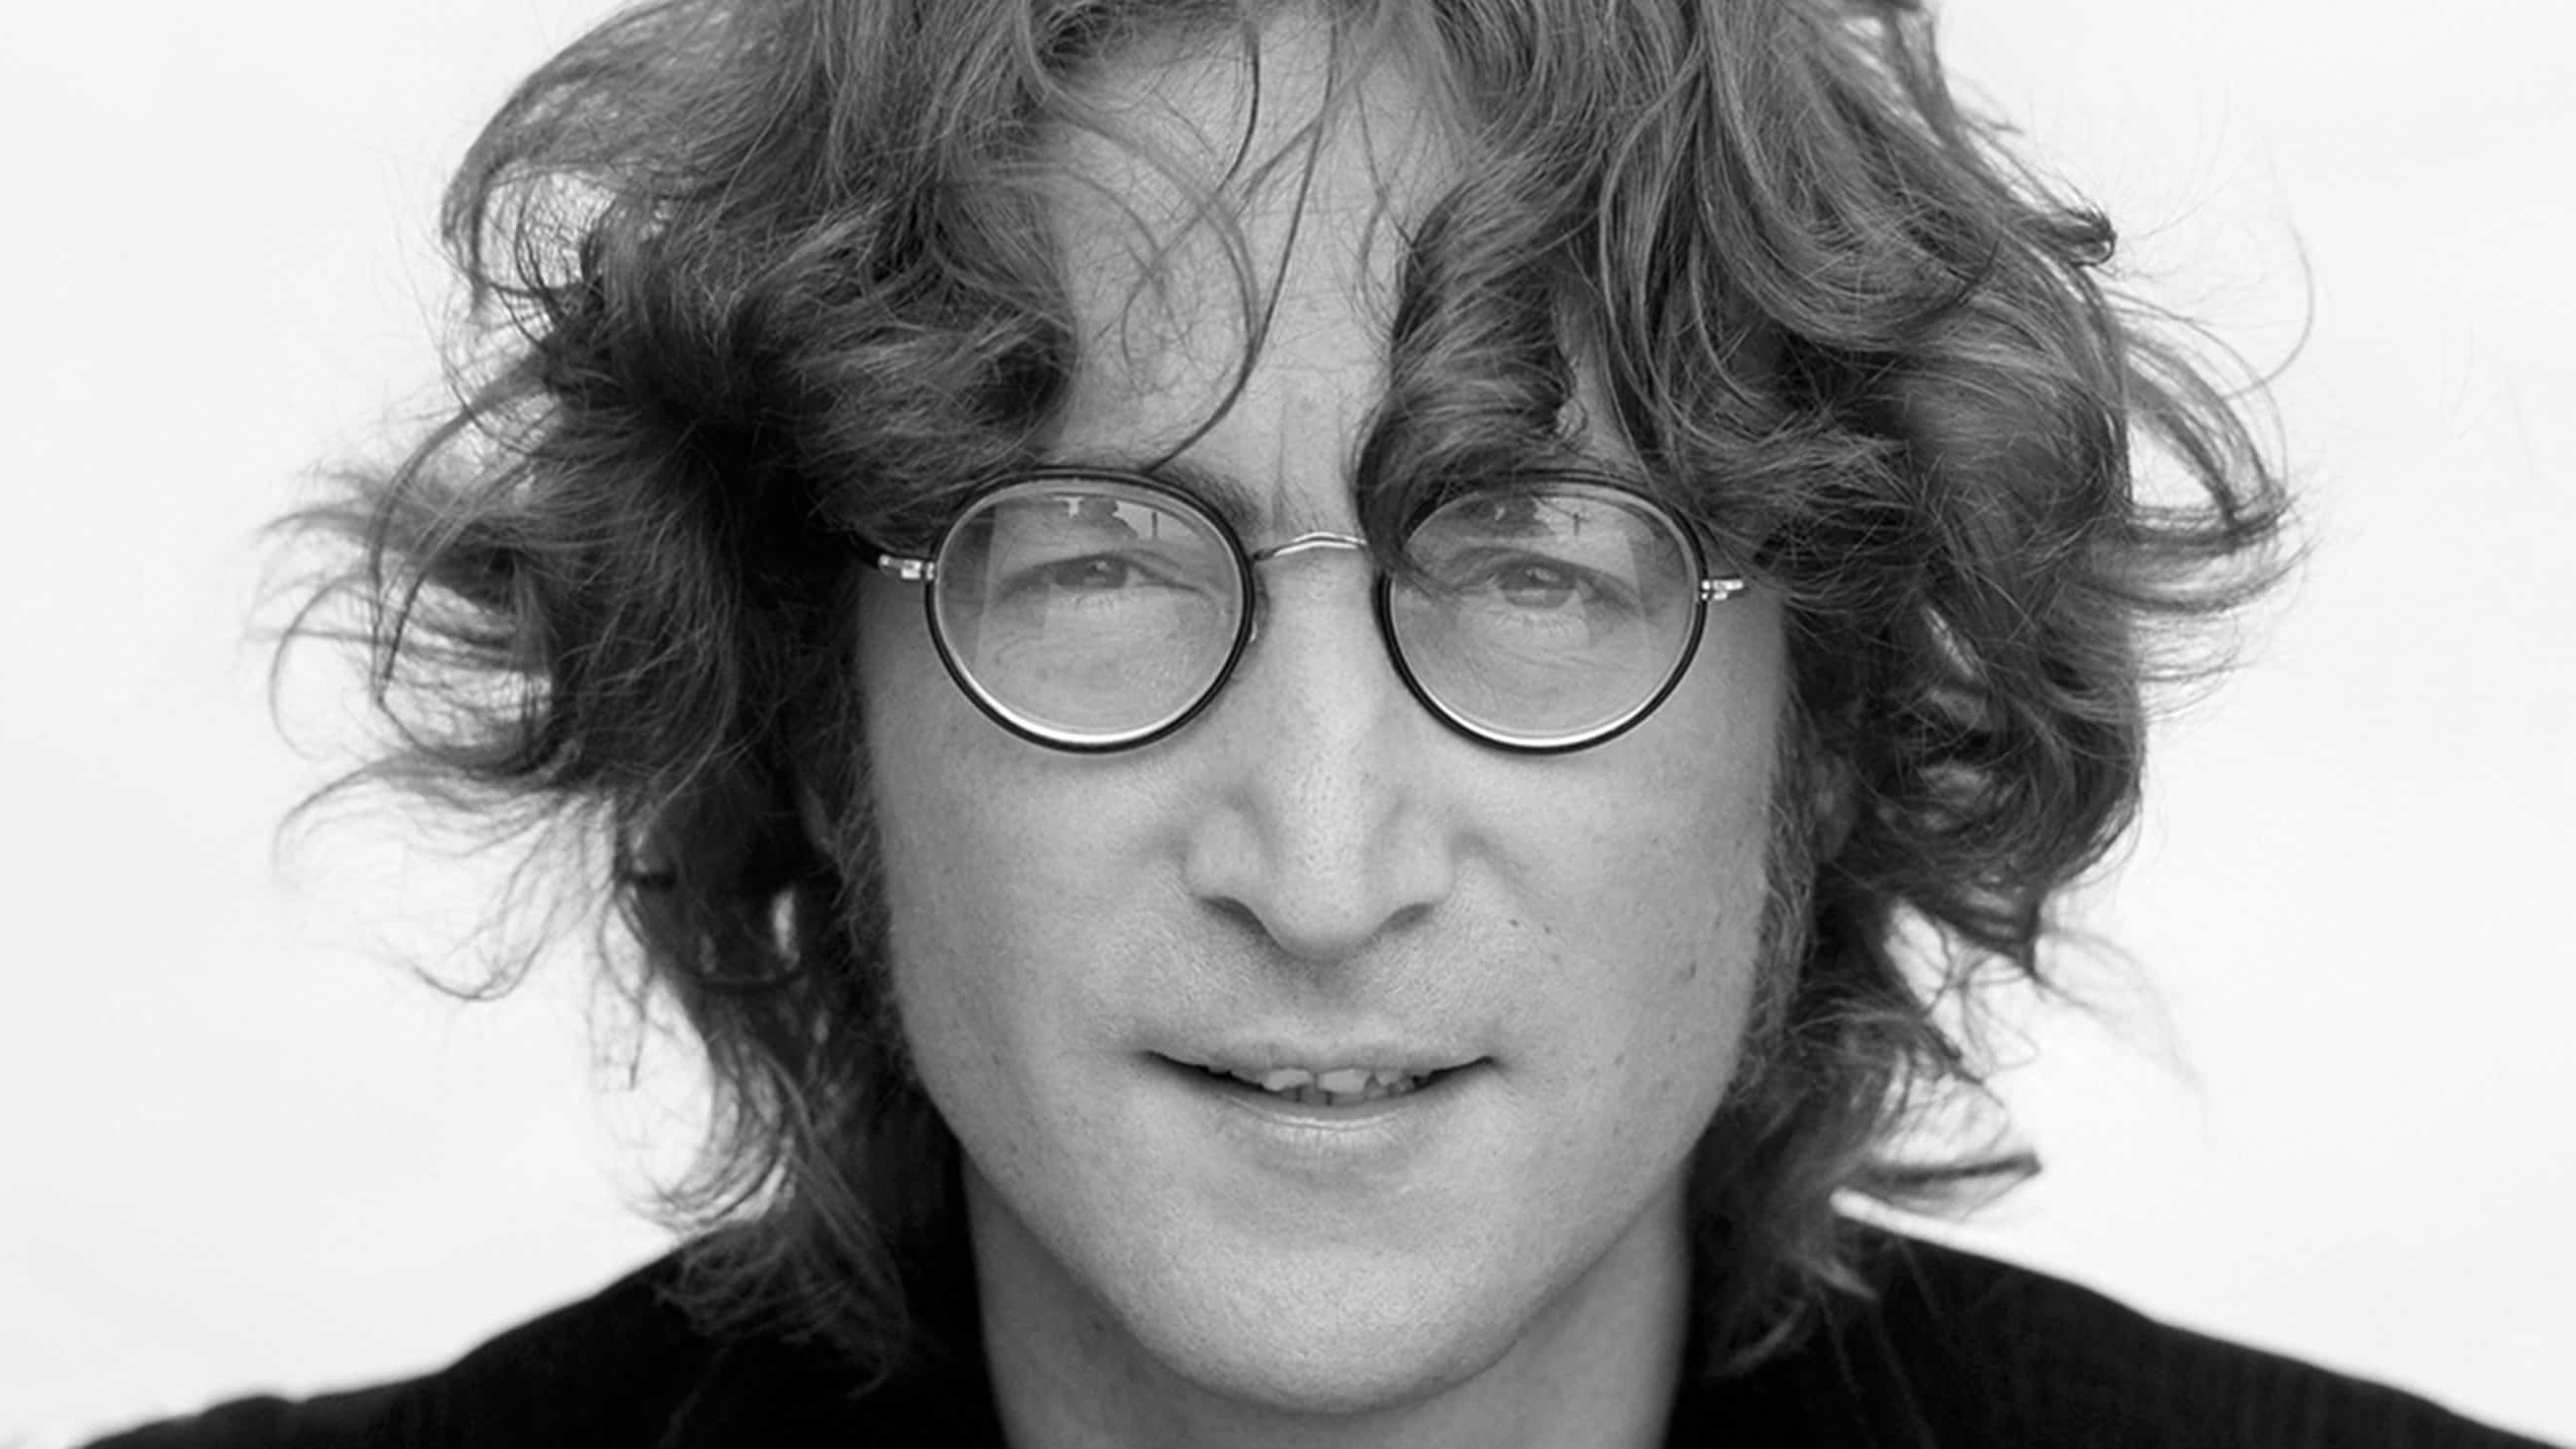 Hace 40 años, conmoción mundial tras el asesinato de John Lennon -  LaPatilla.com